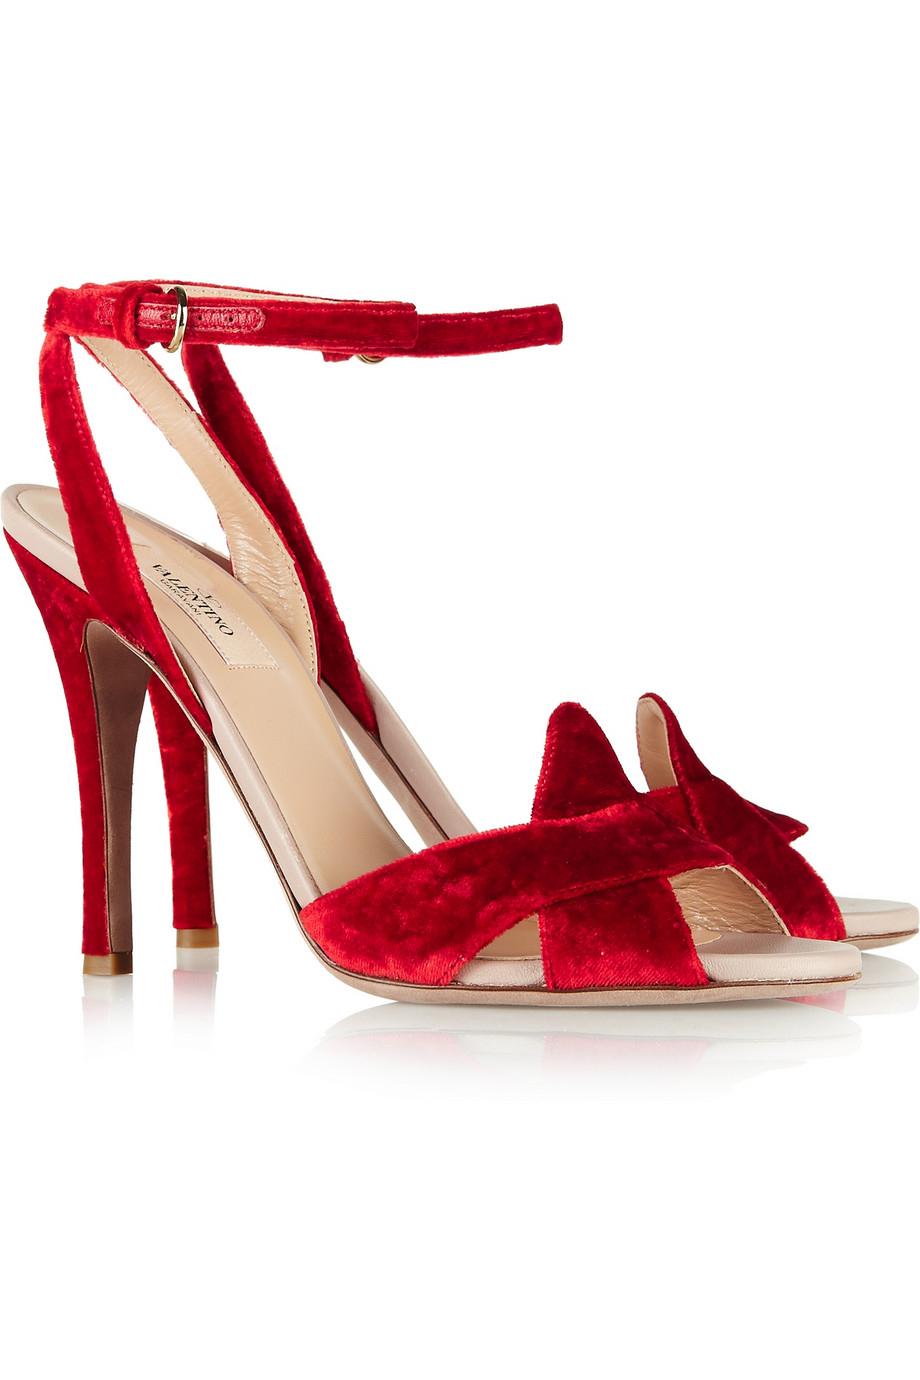 27182b6798be Lyst - Valentino Velvet Sandals in Red